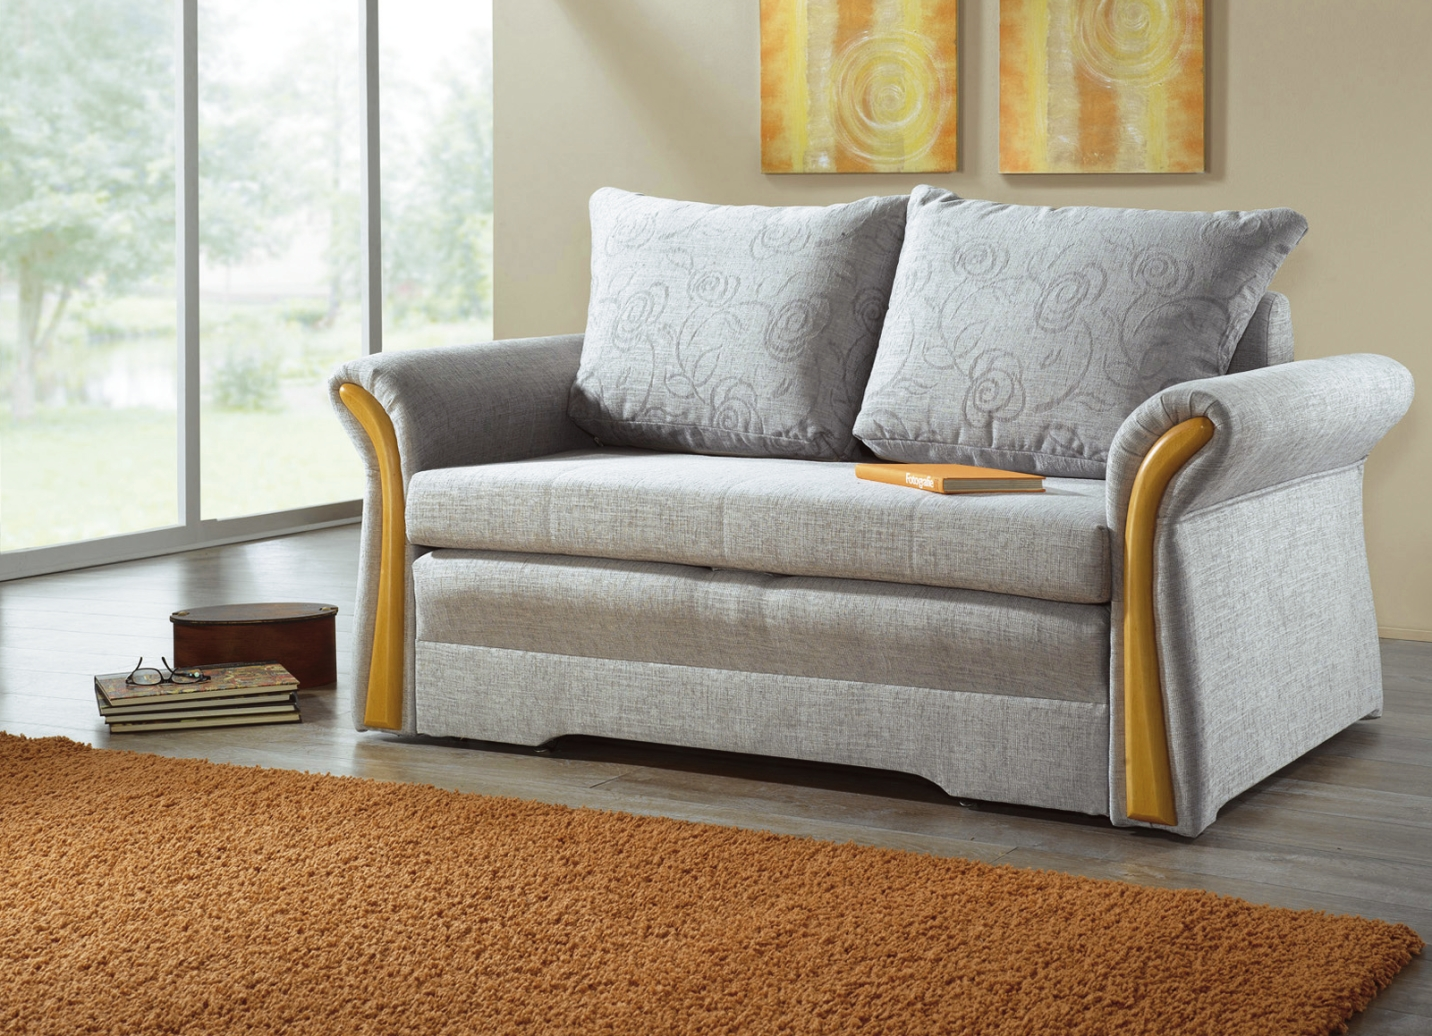 verwandlungs sofa in verschiedenen farben klassische. Black Bedroom Furniture Sets. Home Design Ideas